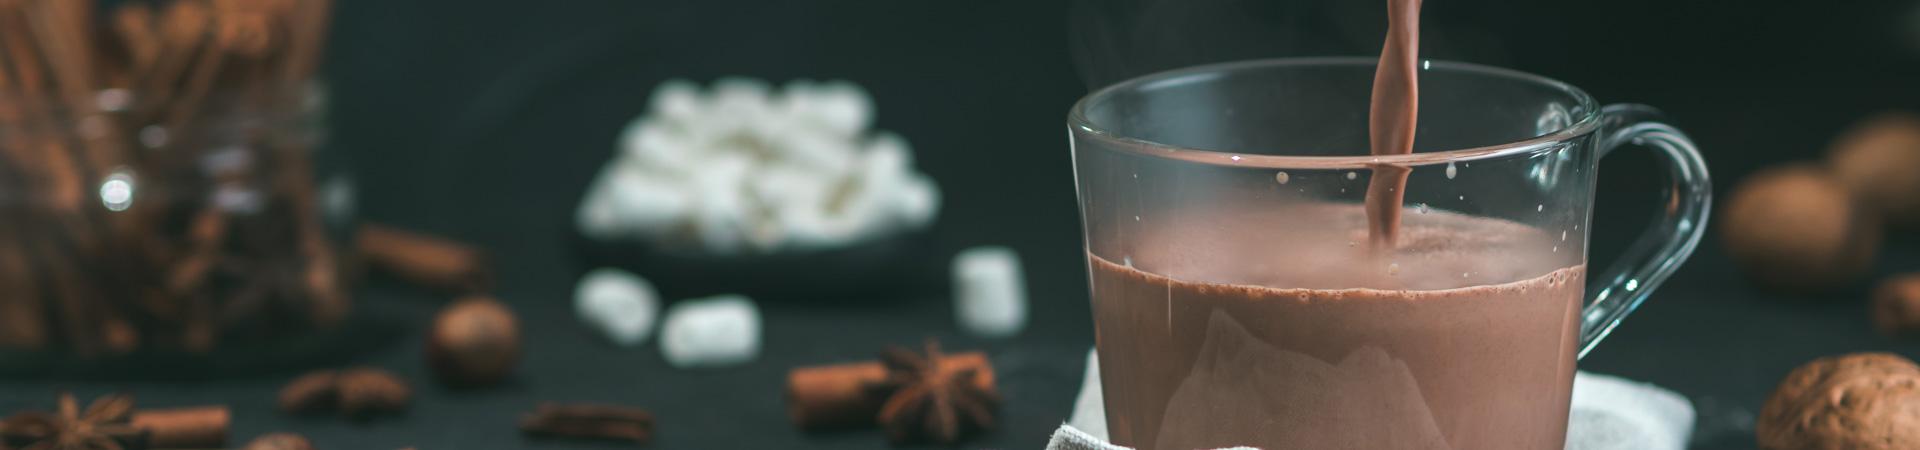 Naschwerk Header 1920x450px Kaffe Kakao Tee